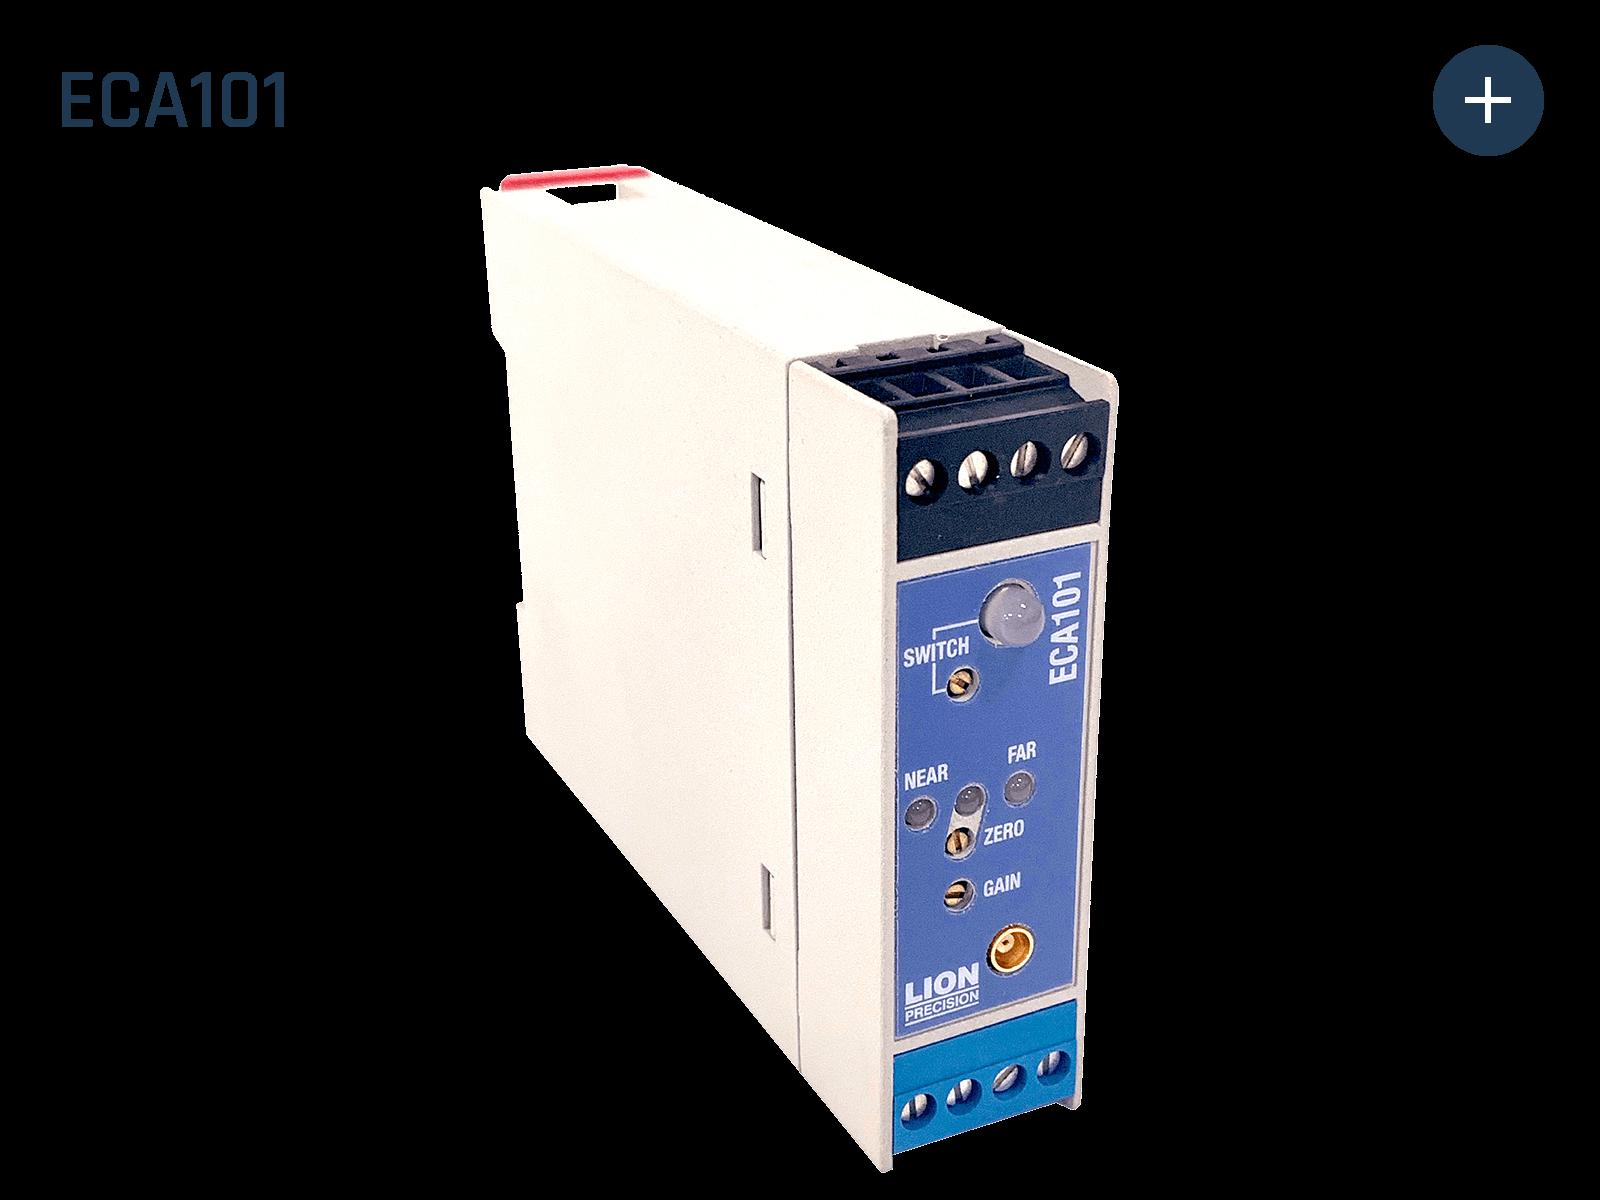 ECA101